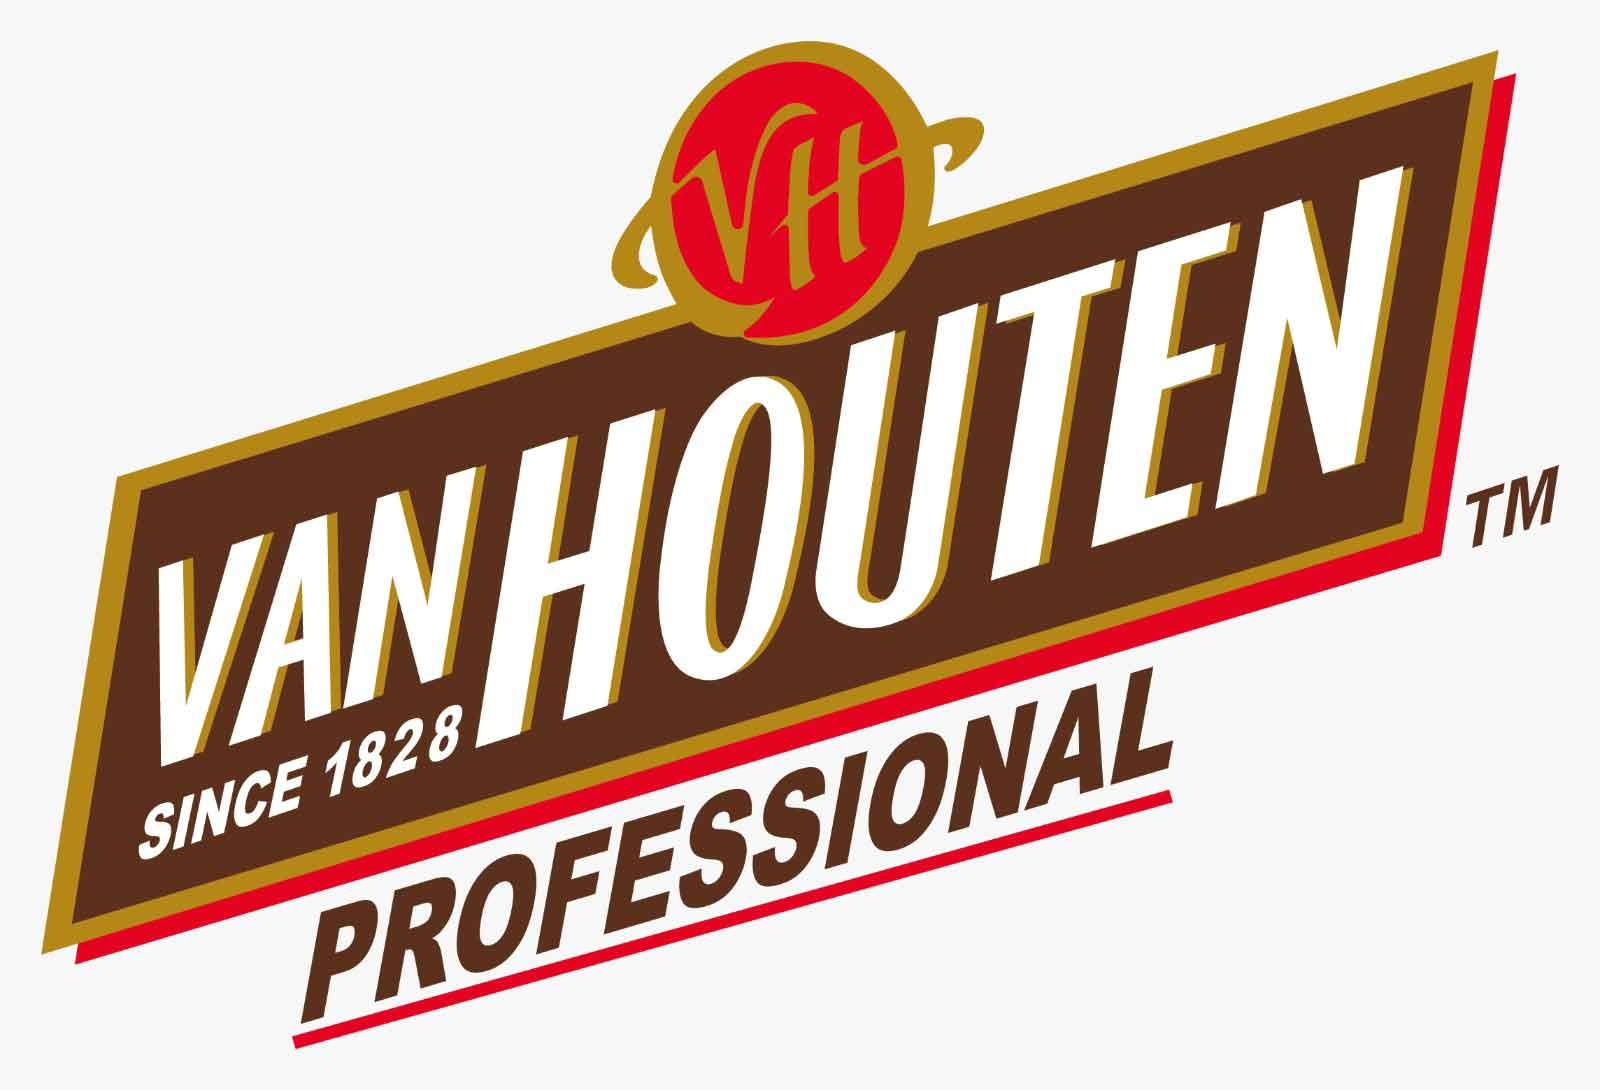 Van-Houten-Chocolate-Logos